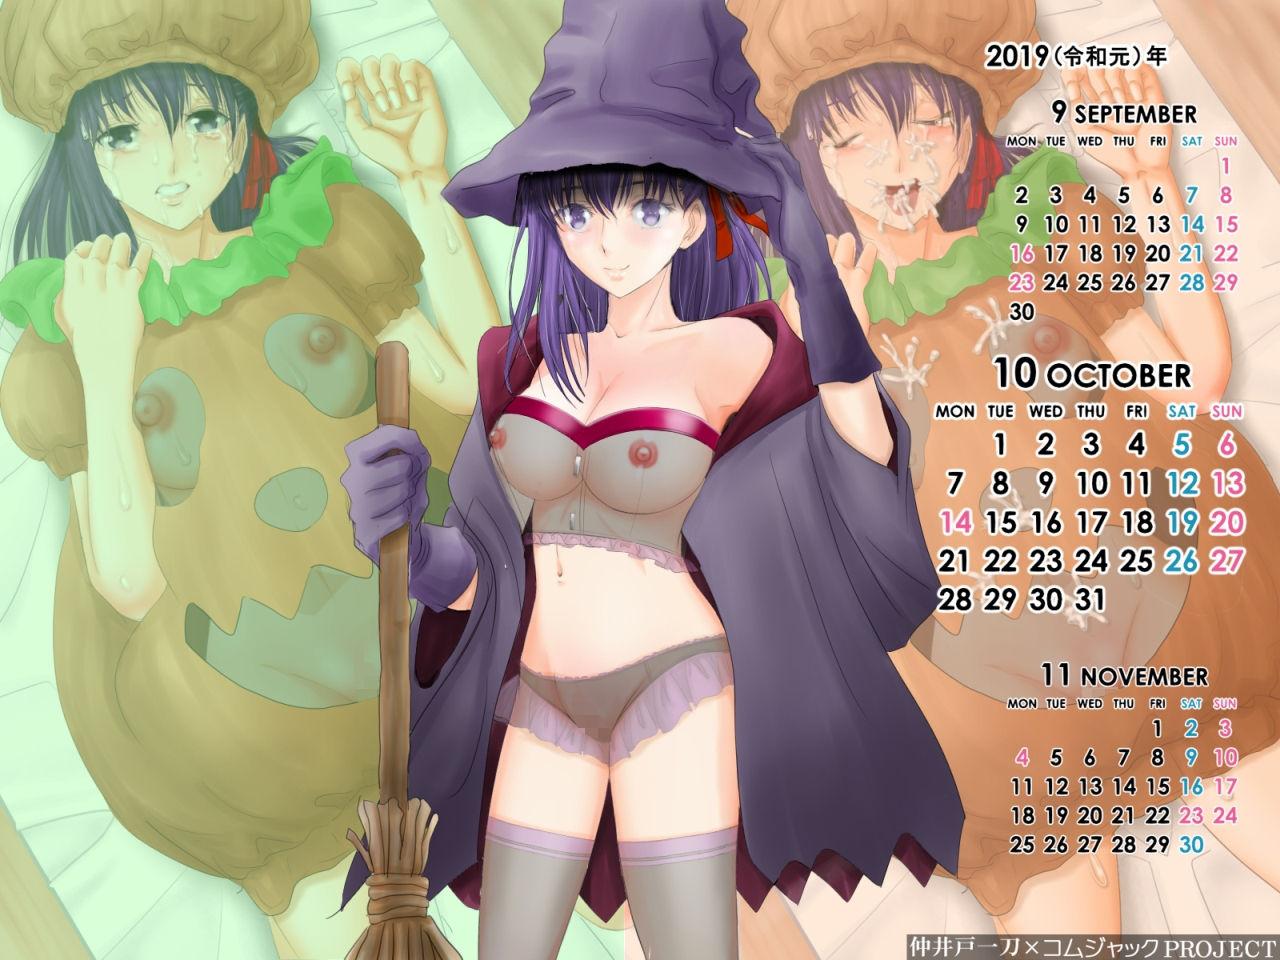 【無料】ハロウィンコス!!『fa○e』『間○ 桜』さんのハロウィン魔女+スケスケ下着姿の壁紙カレンダー2019年10月用 エロ画像